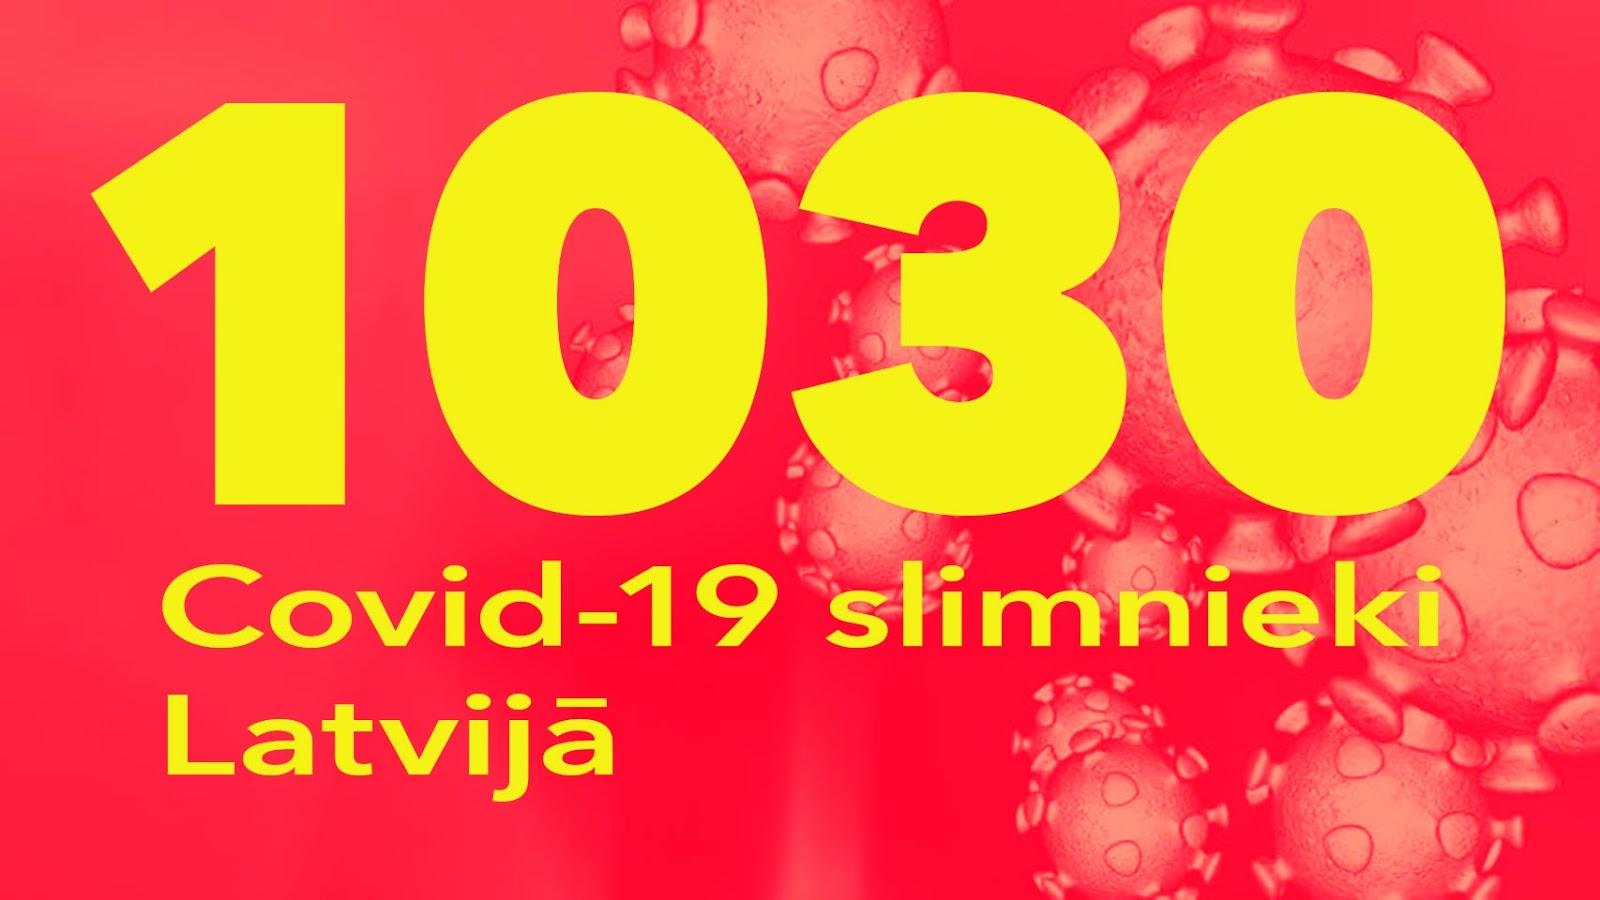 Koronavīrusa saslimušo skaits Latvijā 22.05.2020.